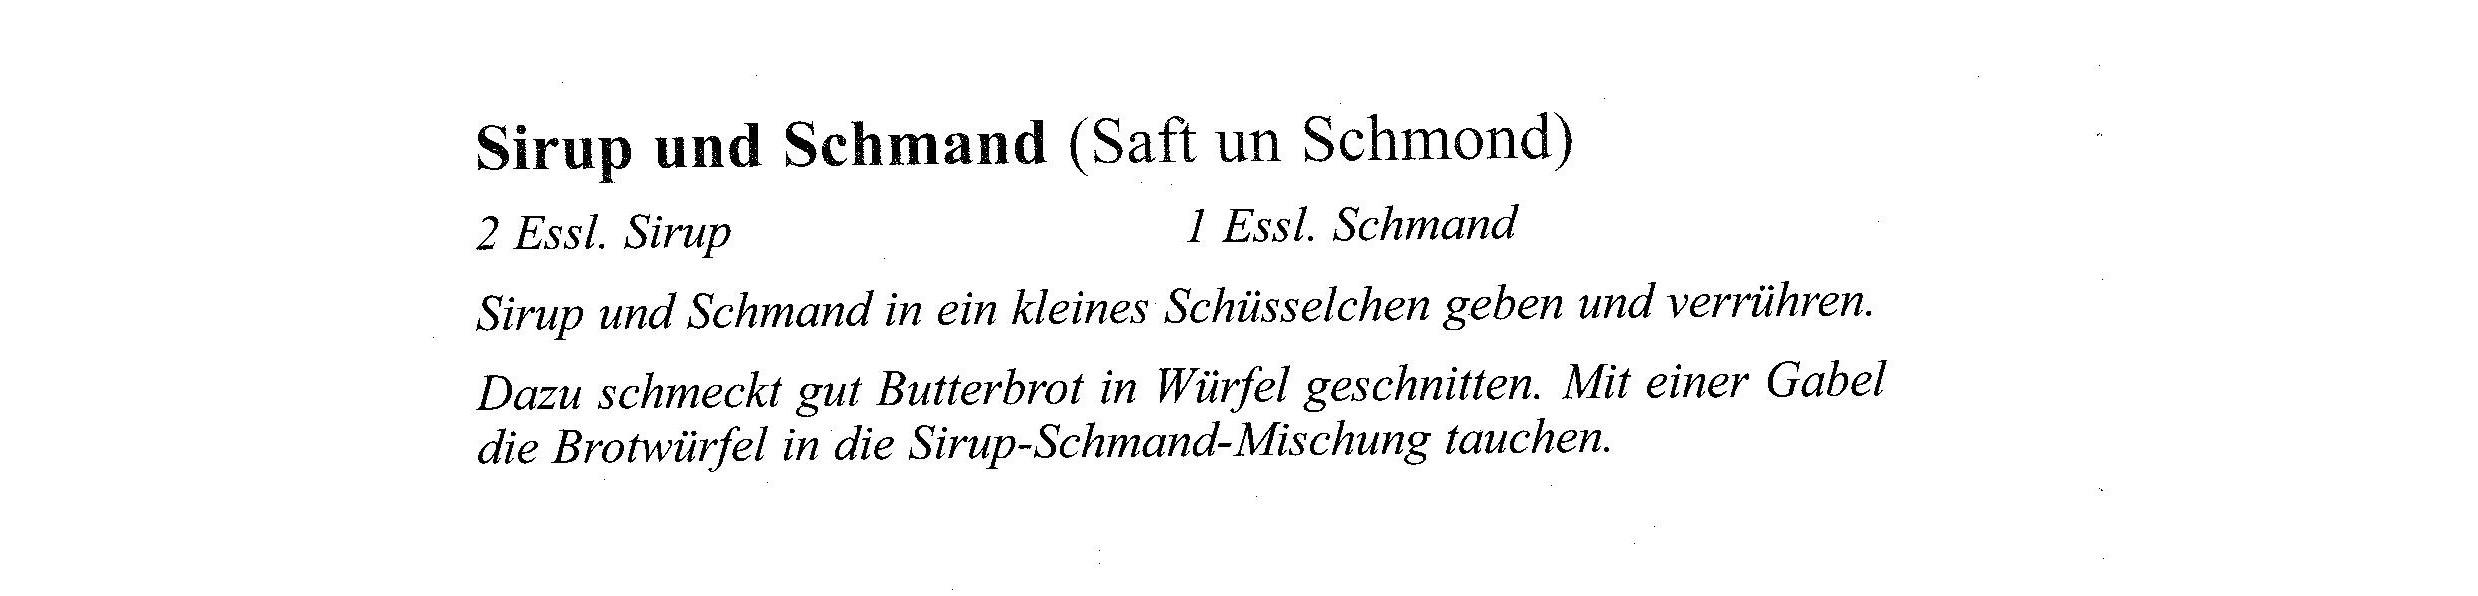 Rezept März Sirup und Schmand